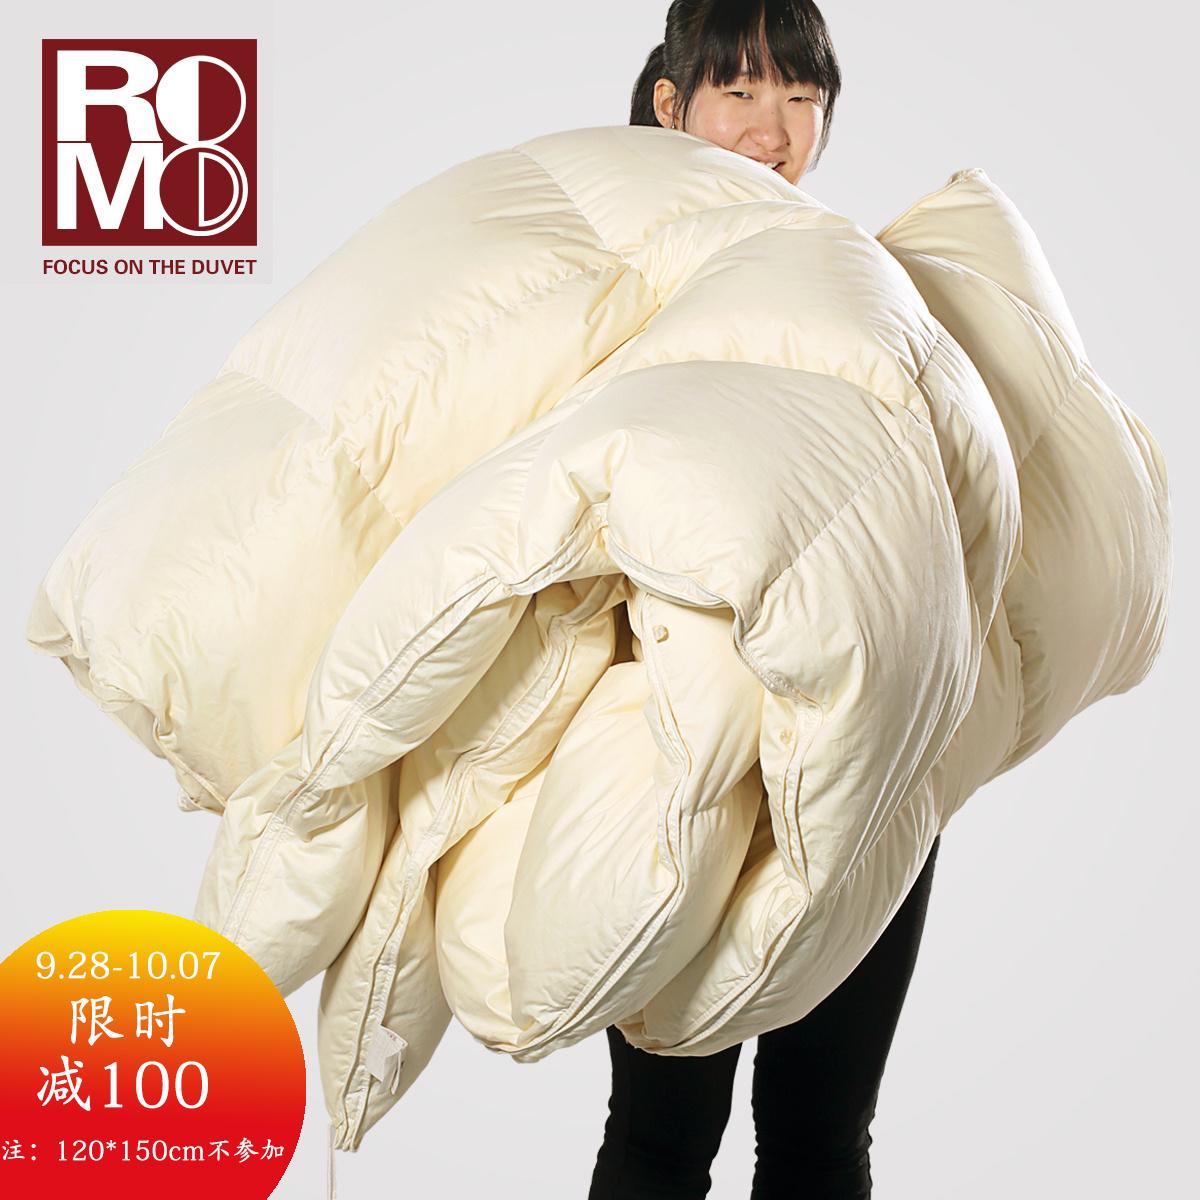 Romo-绒慕私人定制 羽绒被95白鹅绒被冬被单人儿童婴儿加厚被芯